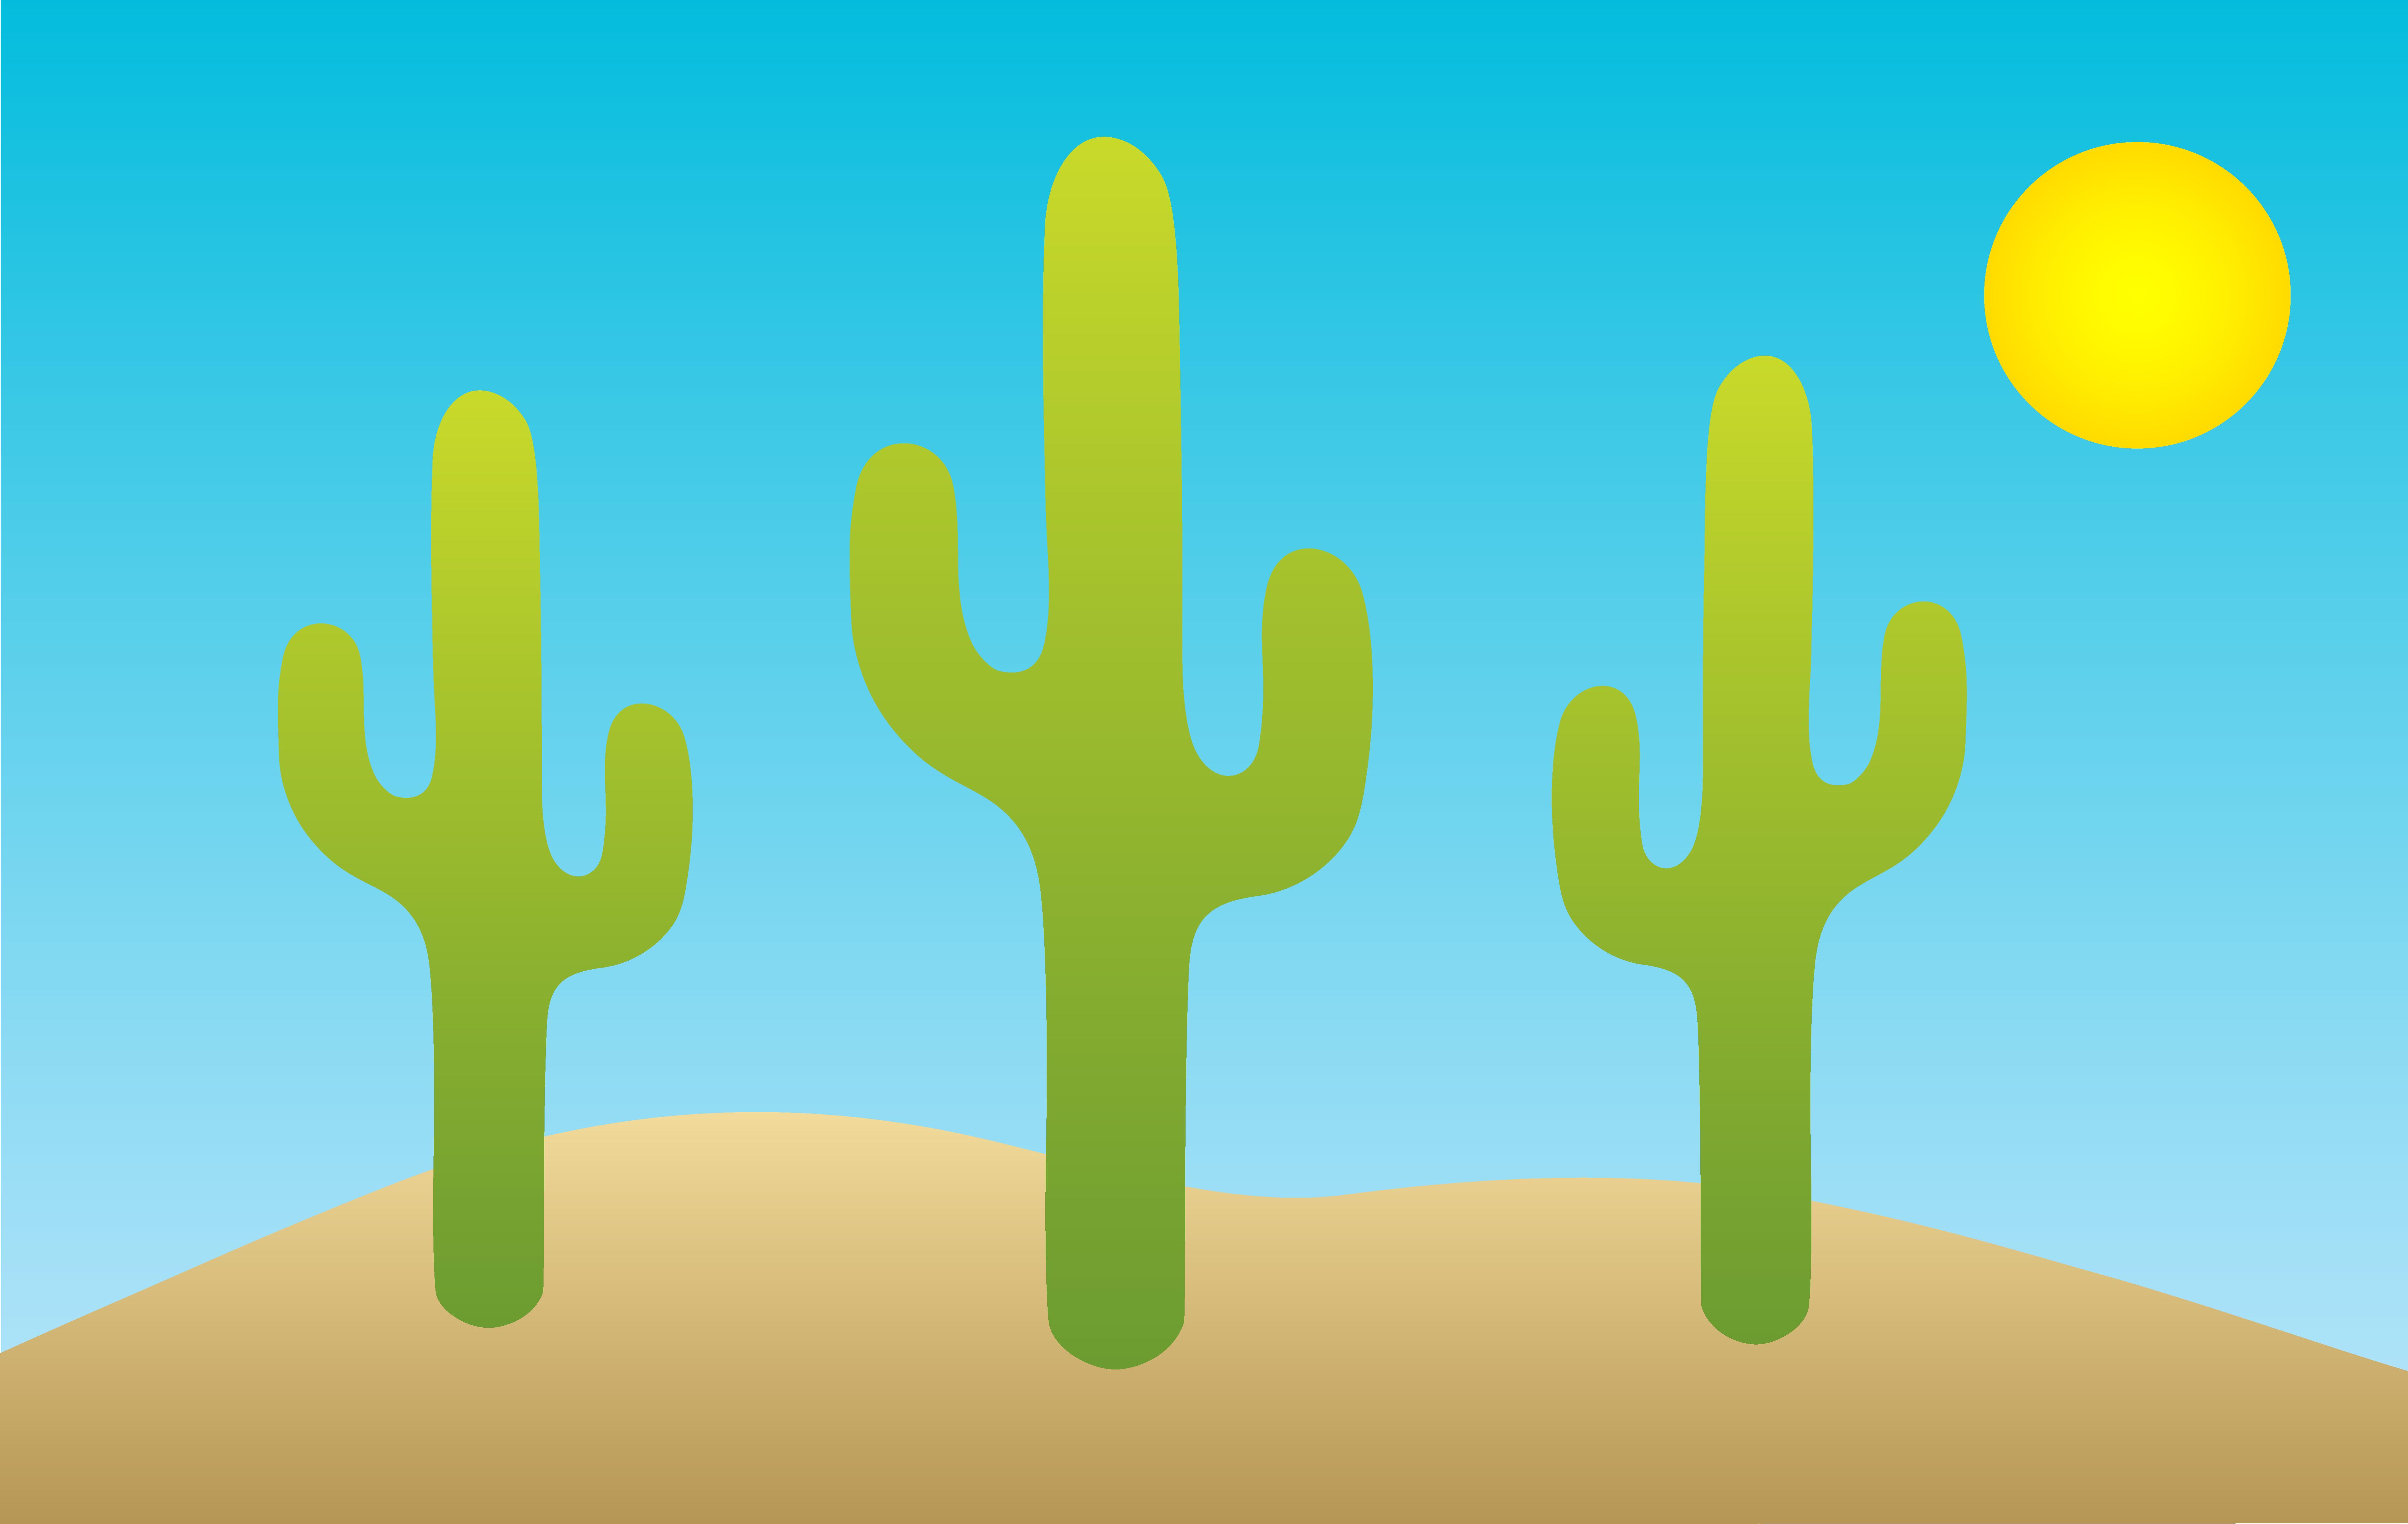 Desert clipart desert scene. With saguaro cacti free